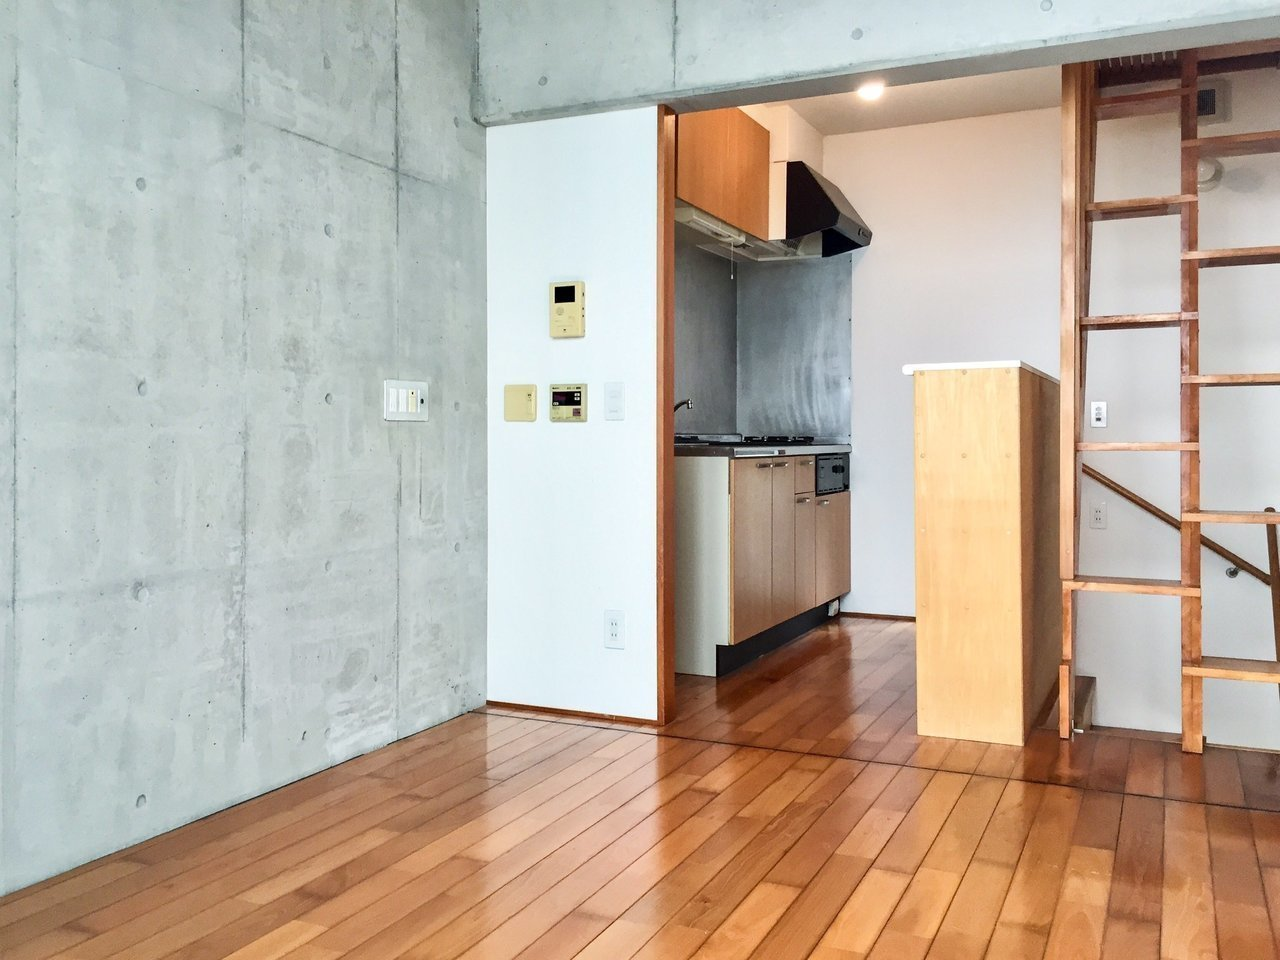 メゾネット+ロフトの3階層からなる、縦に長いお部屋です